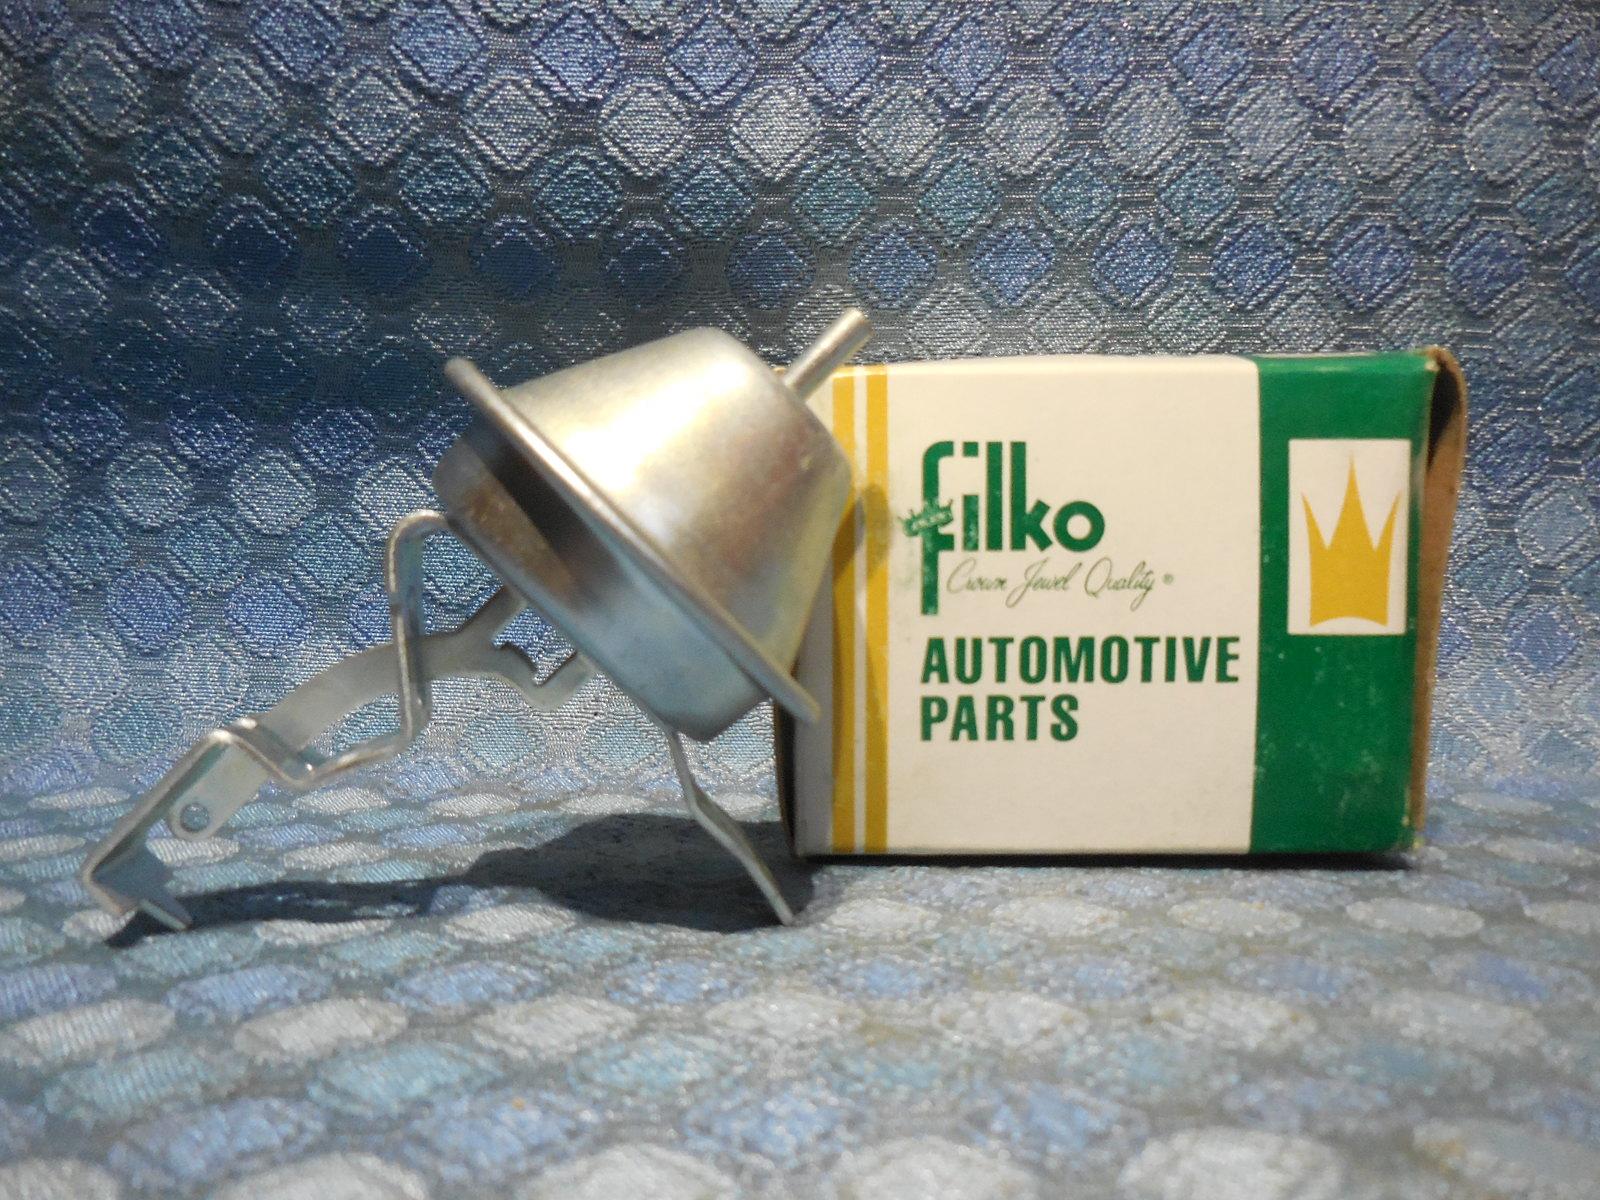 1972 Ford Ltd Engine Wiring Diagram 429 Engine Fixya